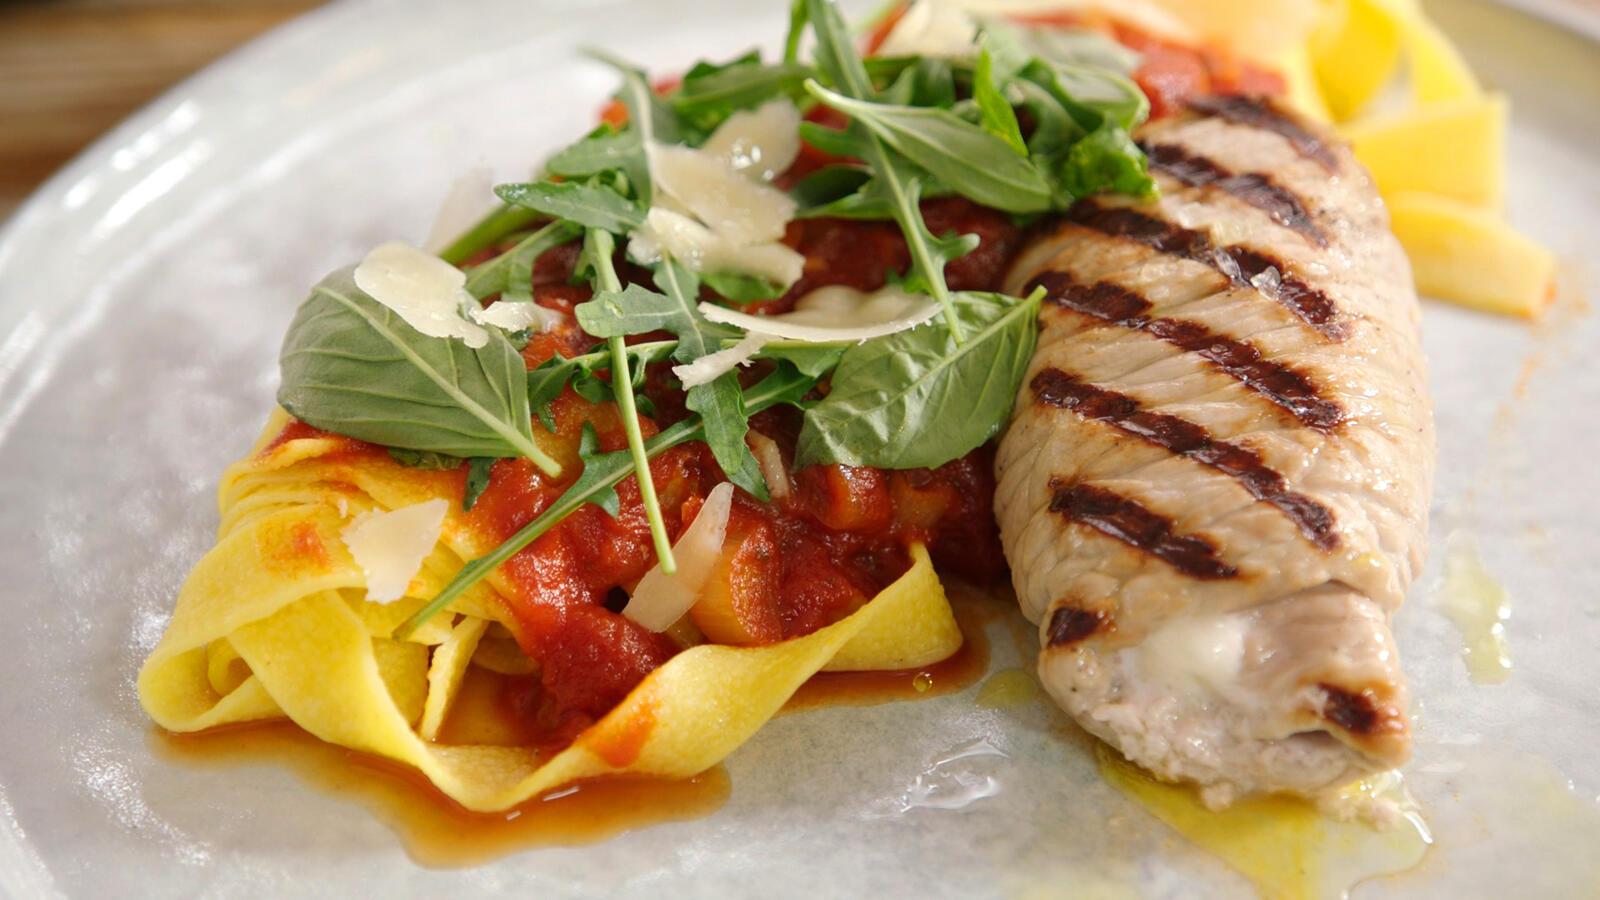 Kalfslapje met pasta en tomatensaus